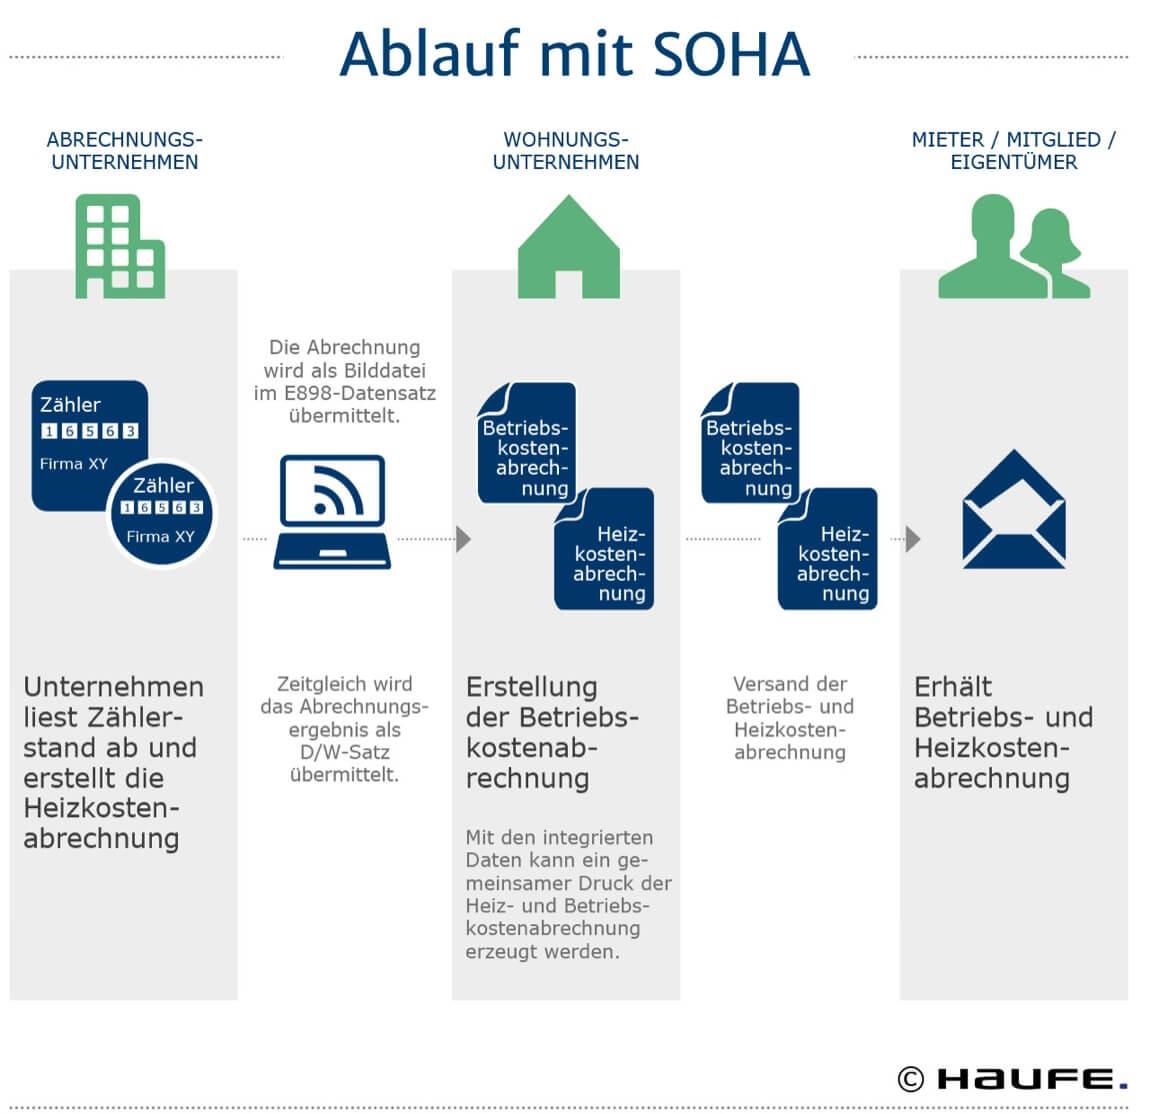 Grafik zum Ablauf der Serviceorientierten Heizkostenabrechnung, kurz SOHA für Wohnungsunternehmen